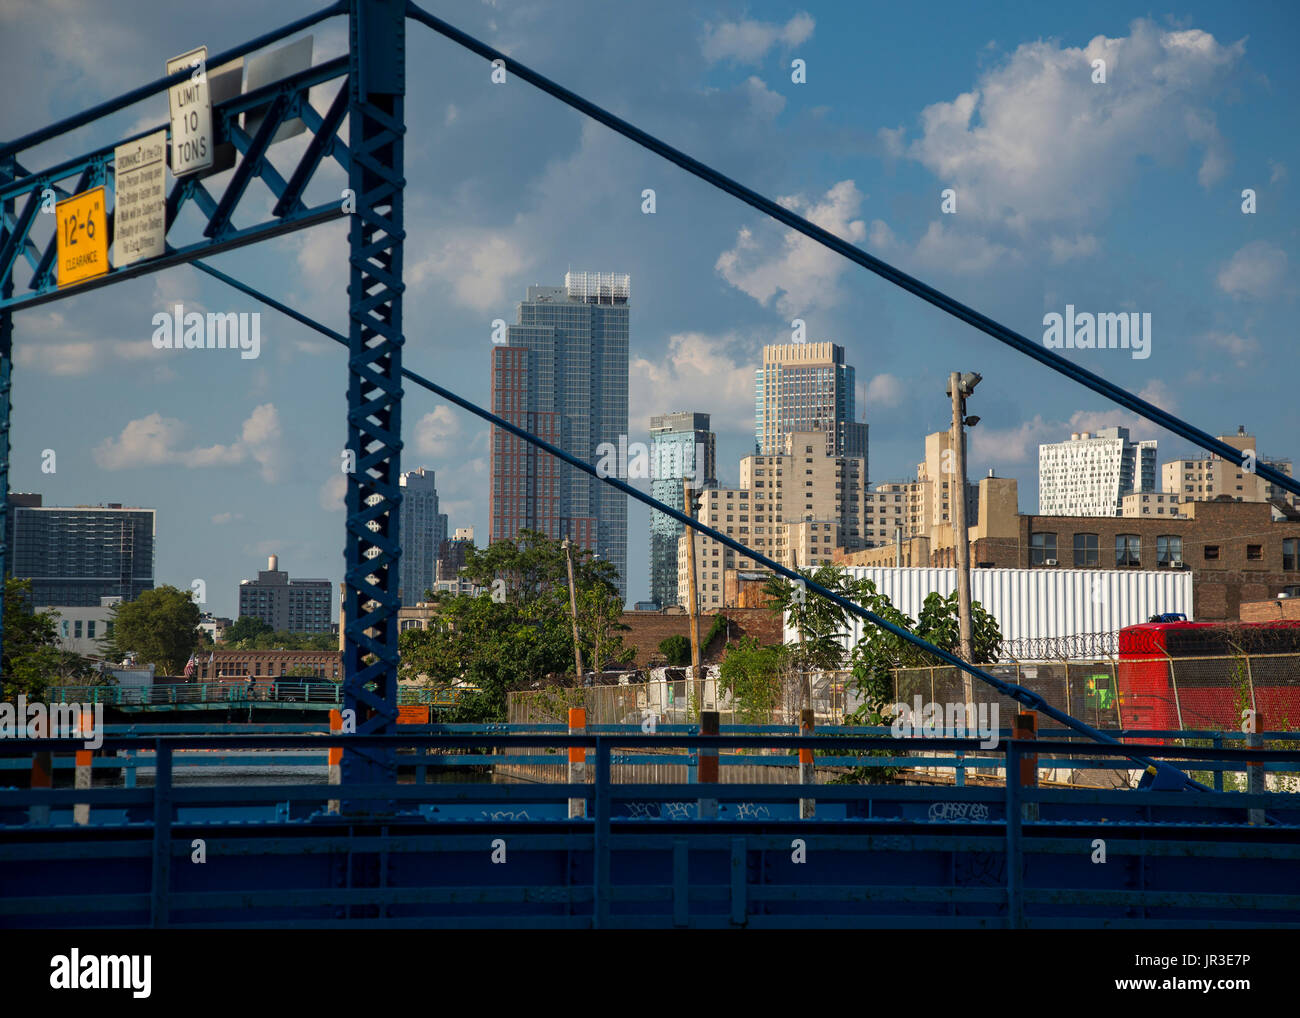 Blick auf Downtown Brooklyn von einer Brücke auf der Gowanus Canal Stockbild